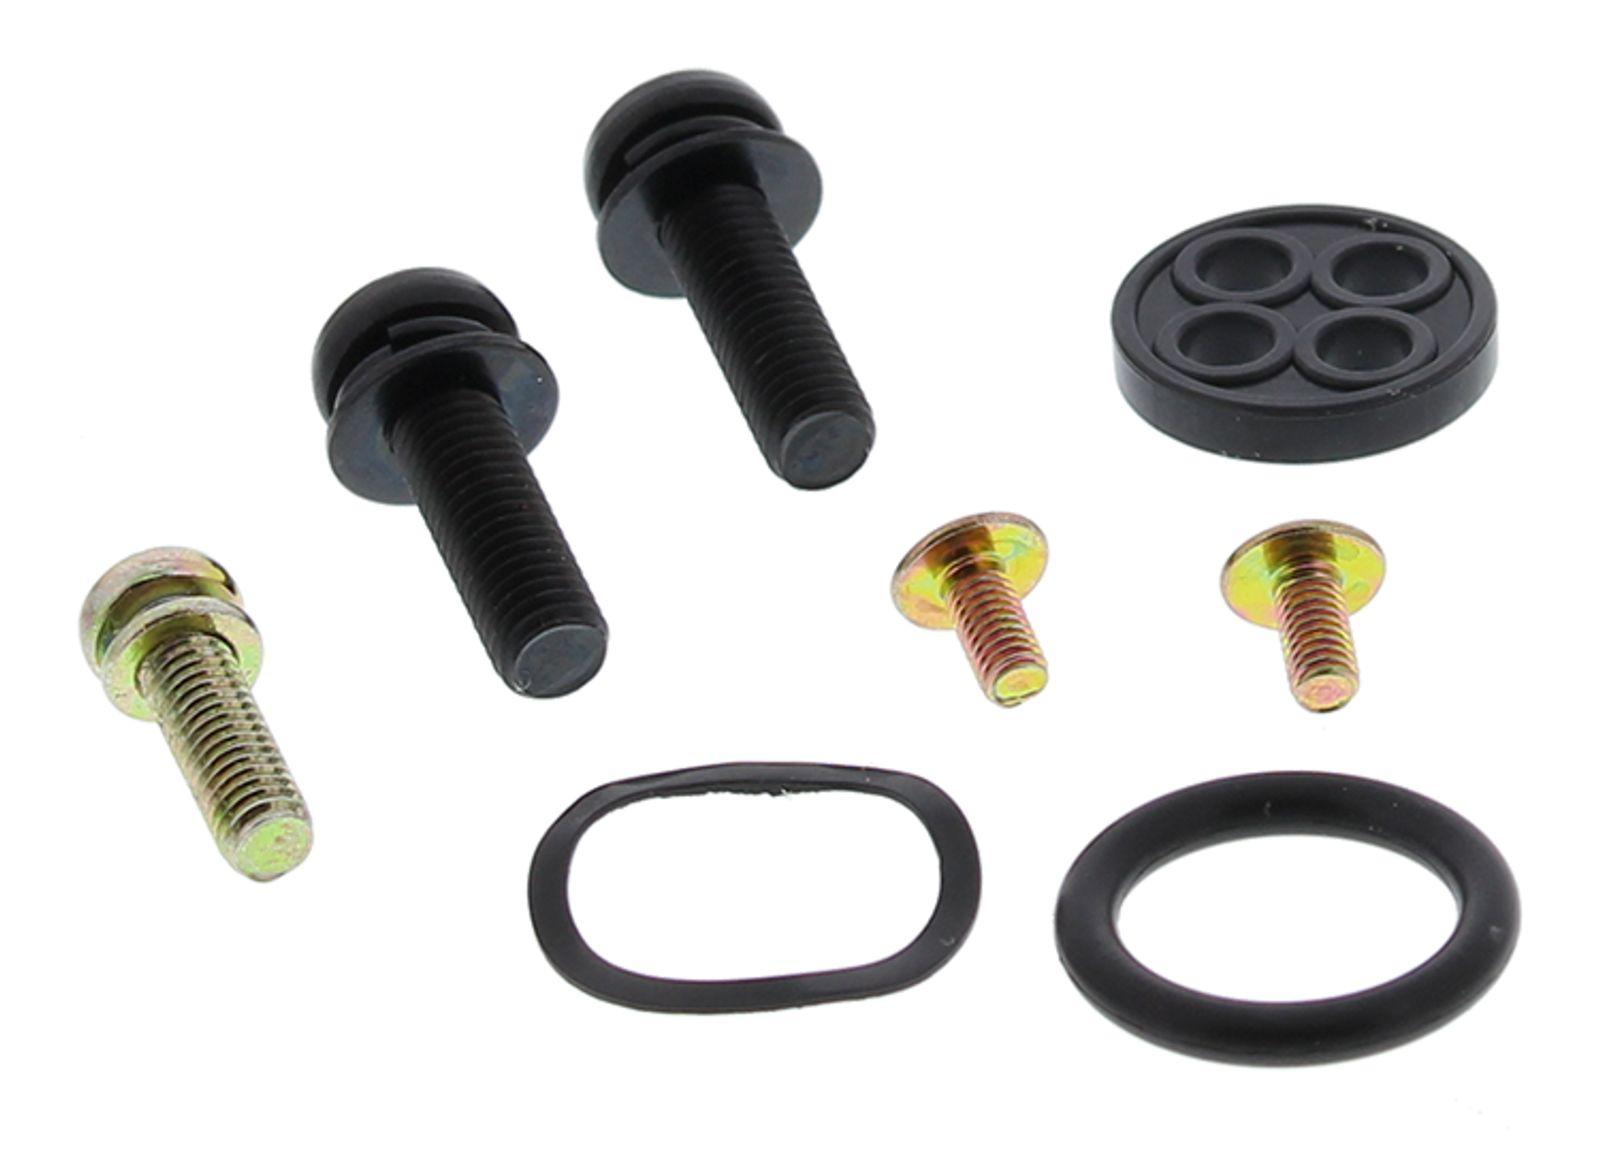 Wrp Fuel Tap Repair Kits - WRP601034 image